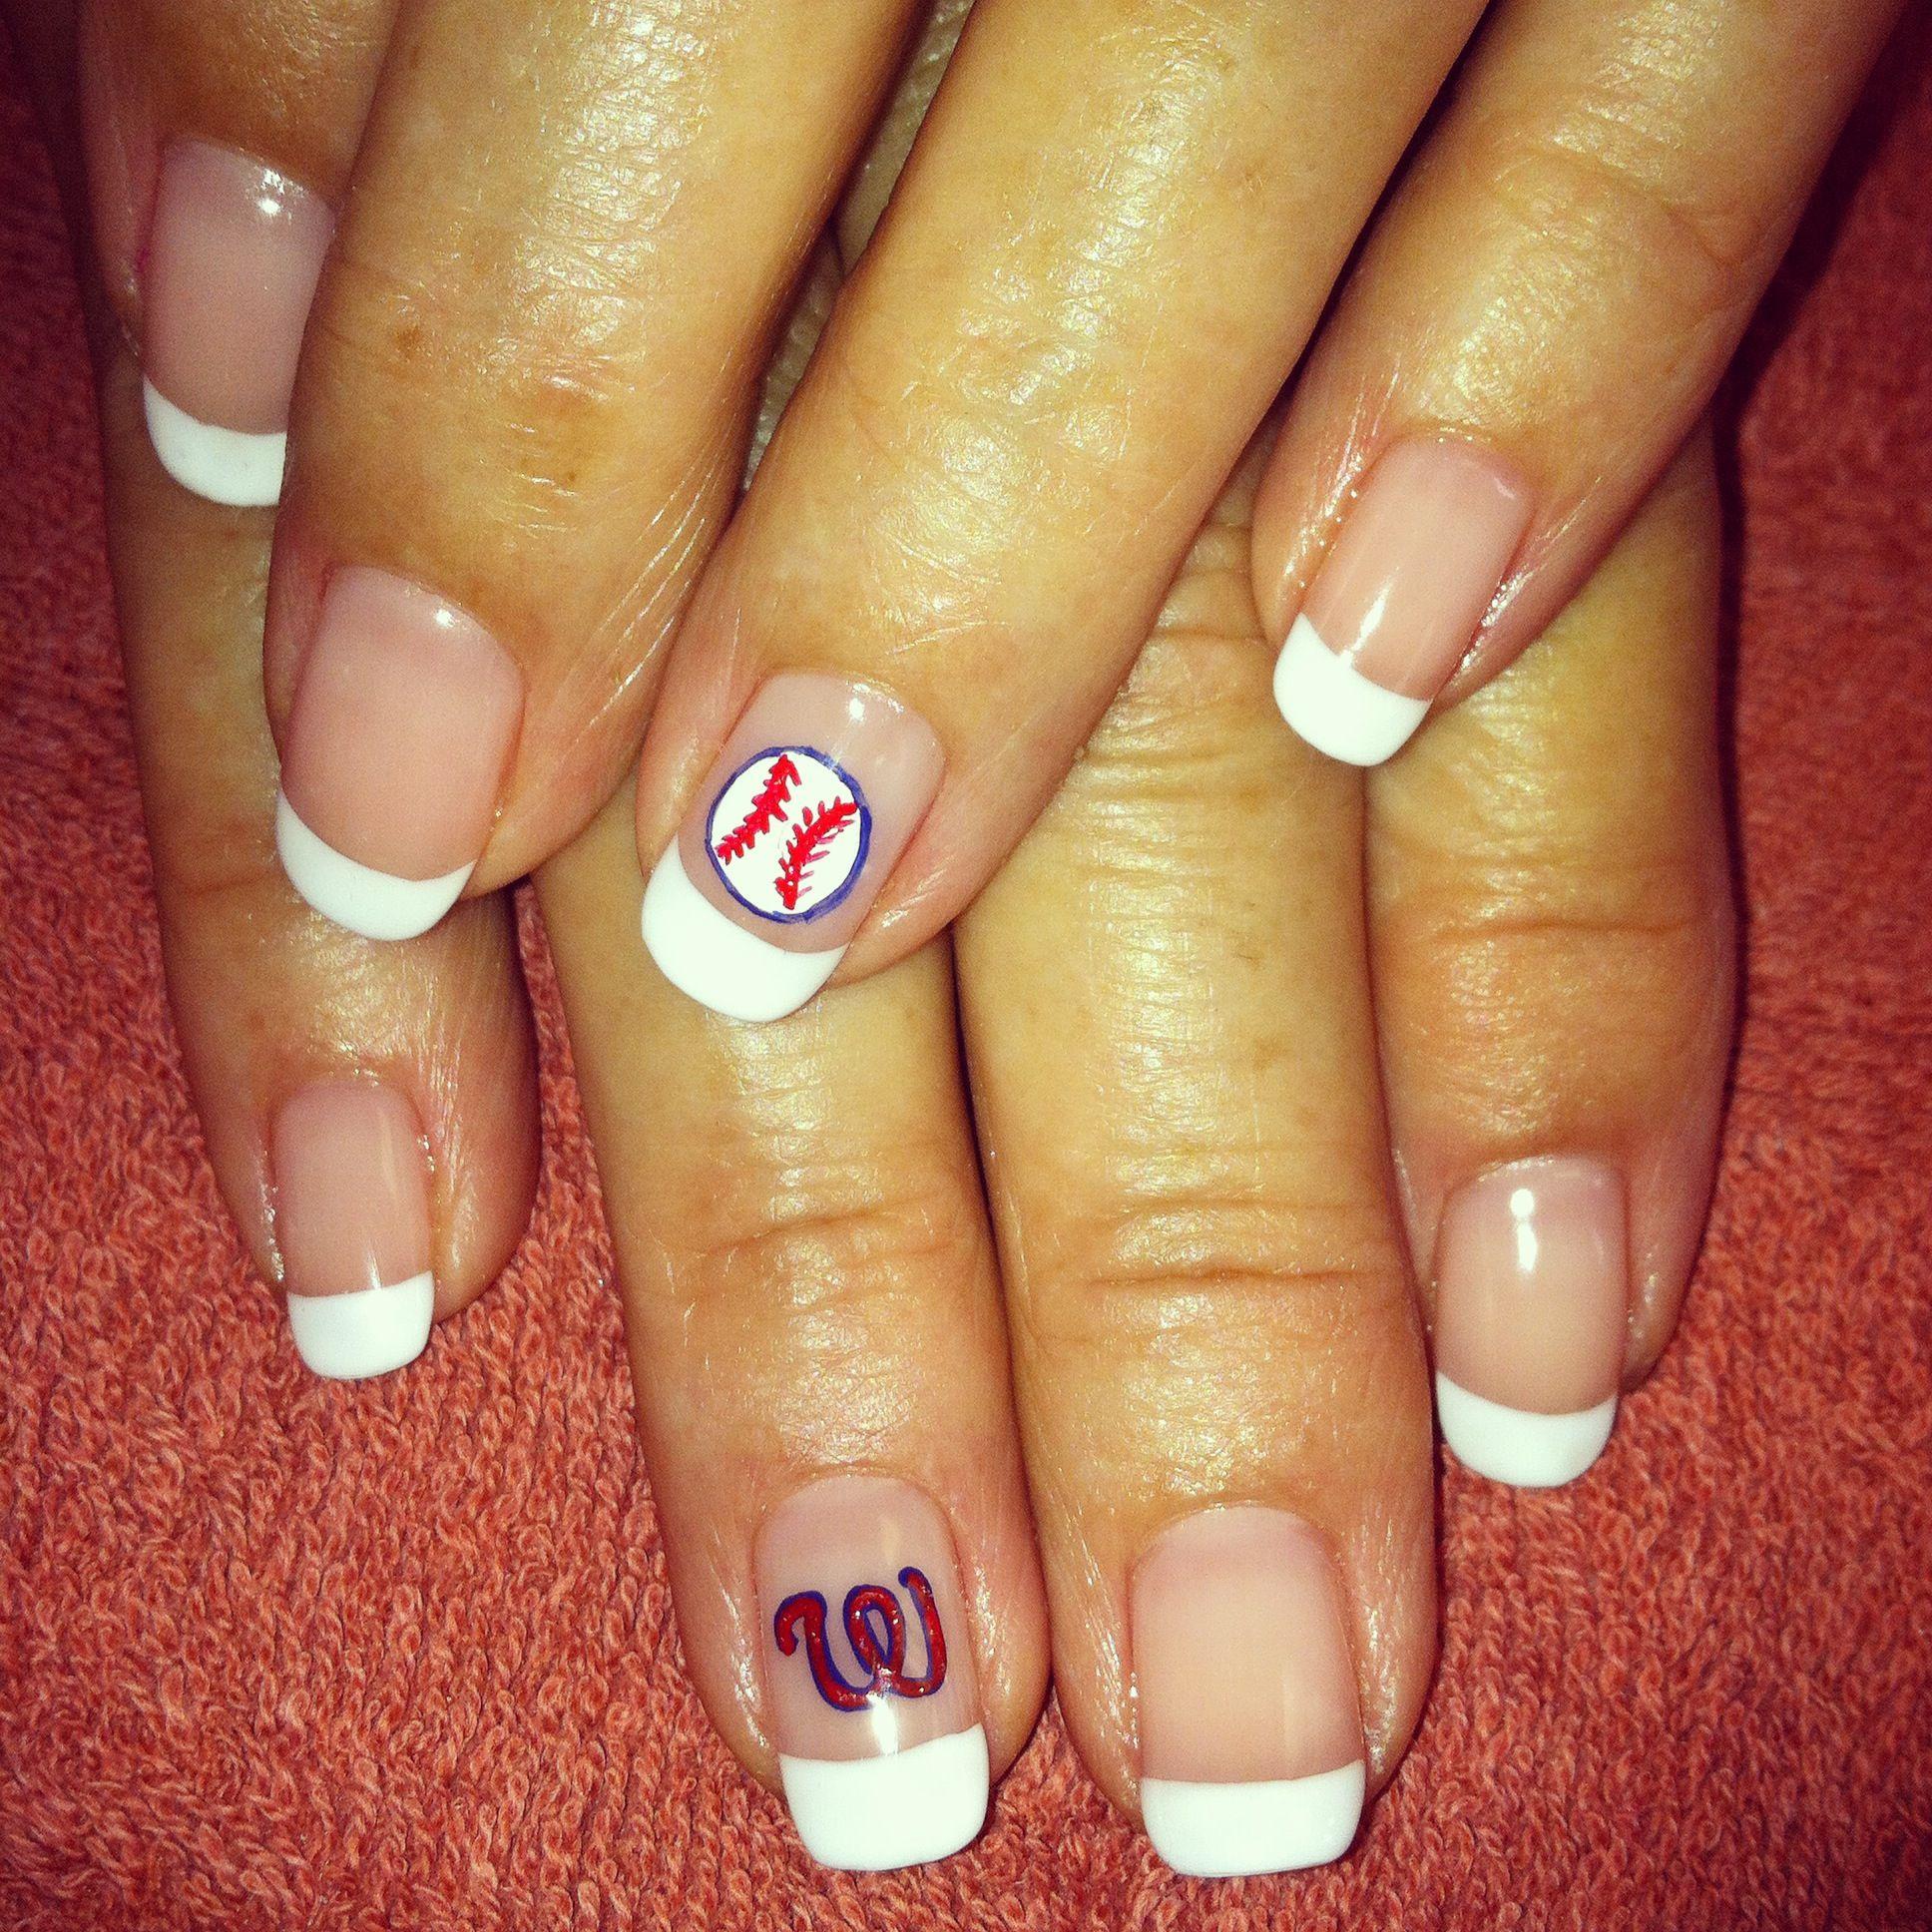 Washington Nationals nail art. Baseball nails. www.facebook.com ...